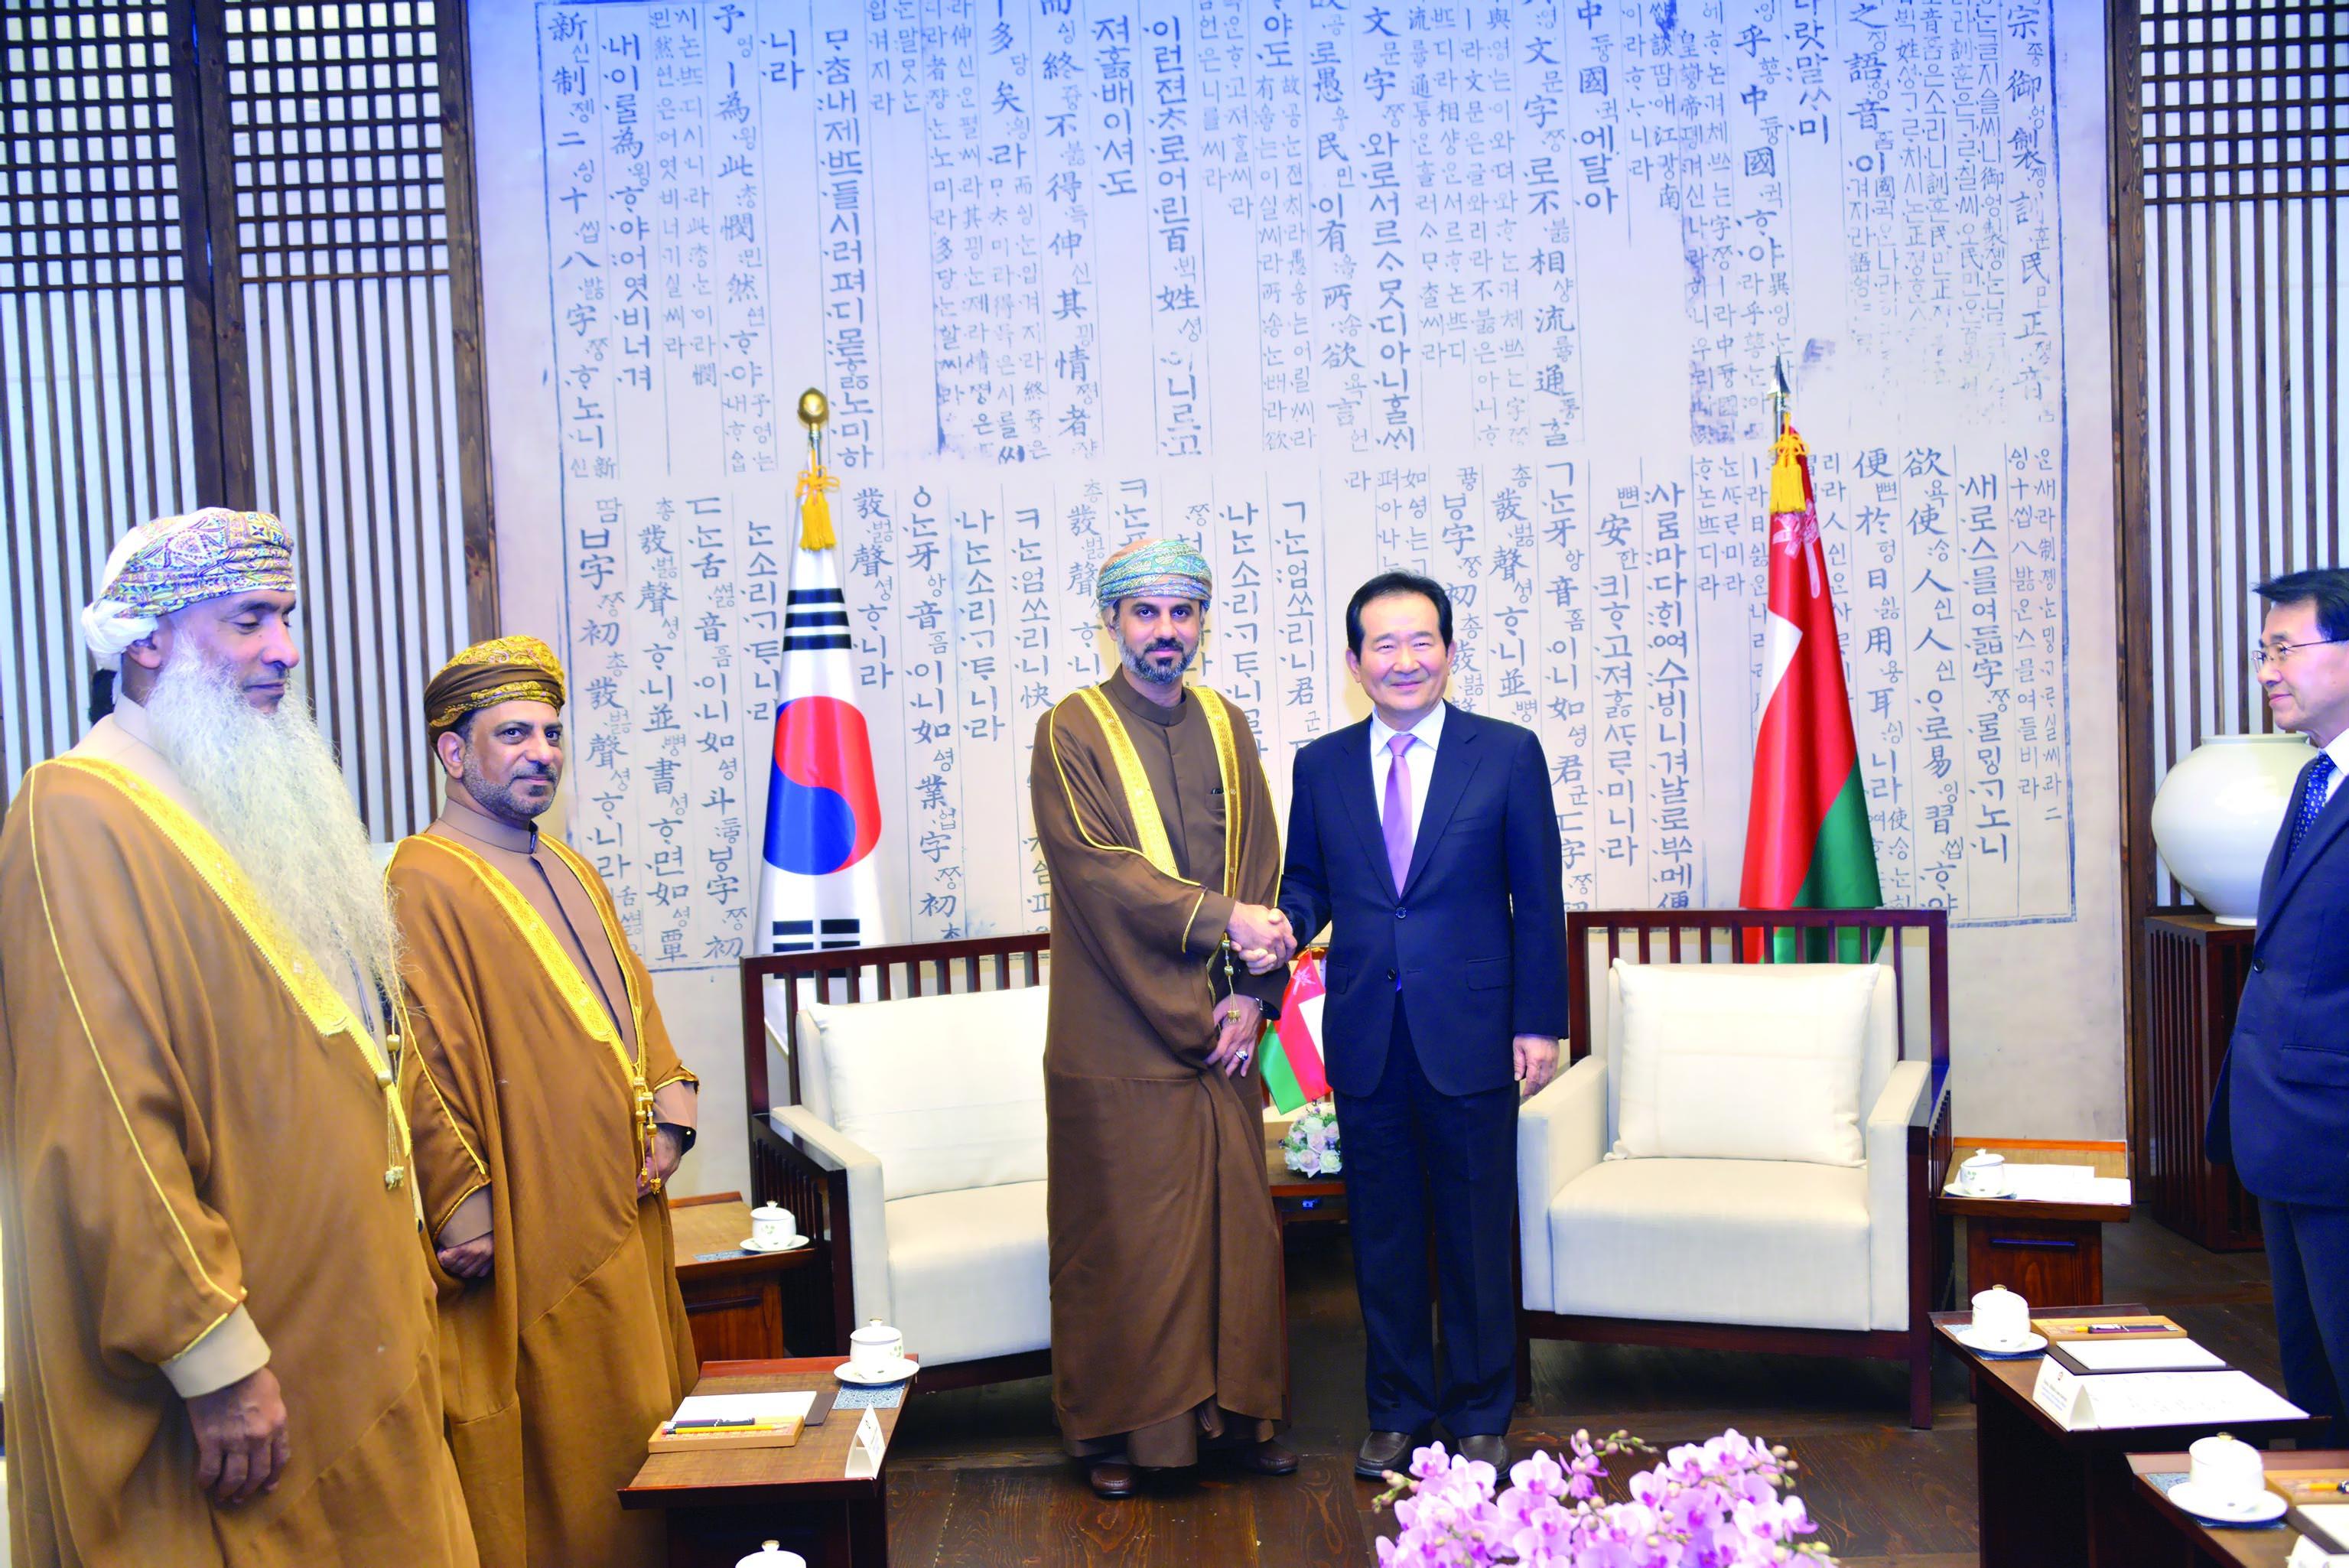 المعولي ورئيس وزراء كوريا يبحثان العلاقات الثنائية